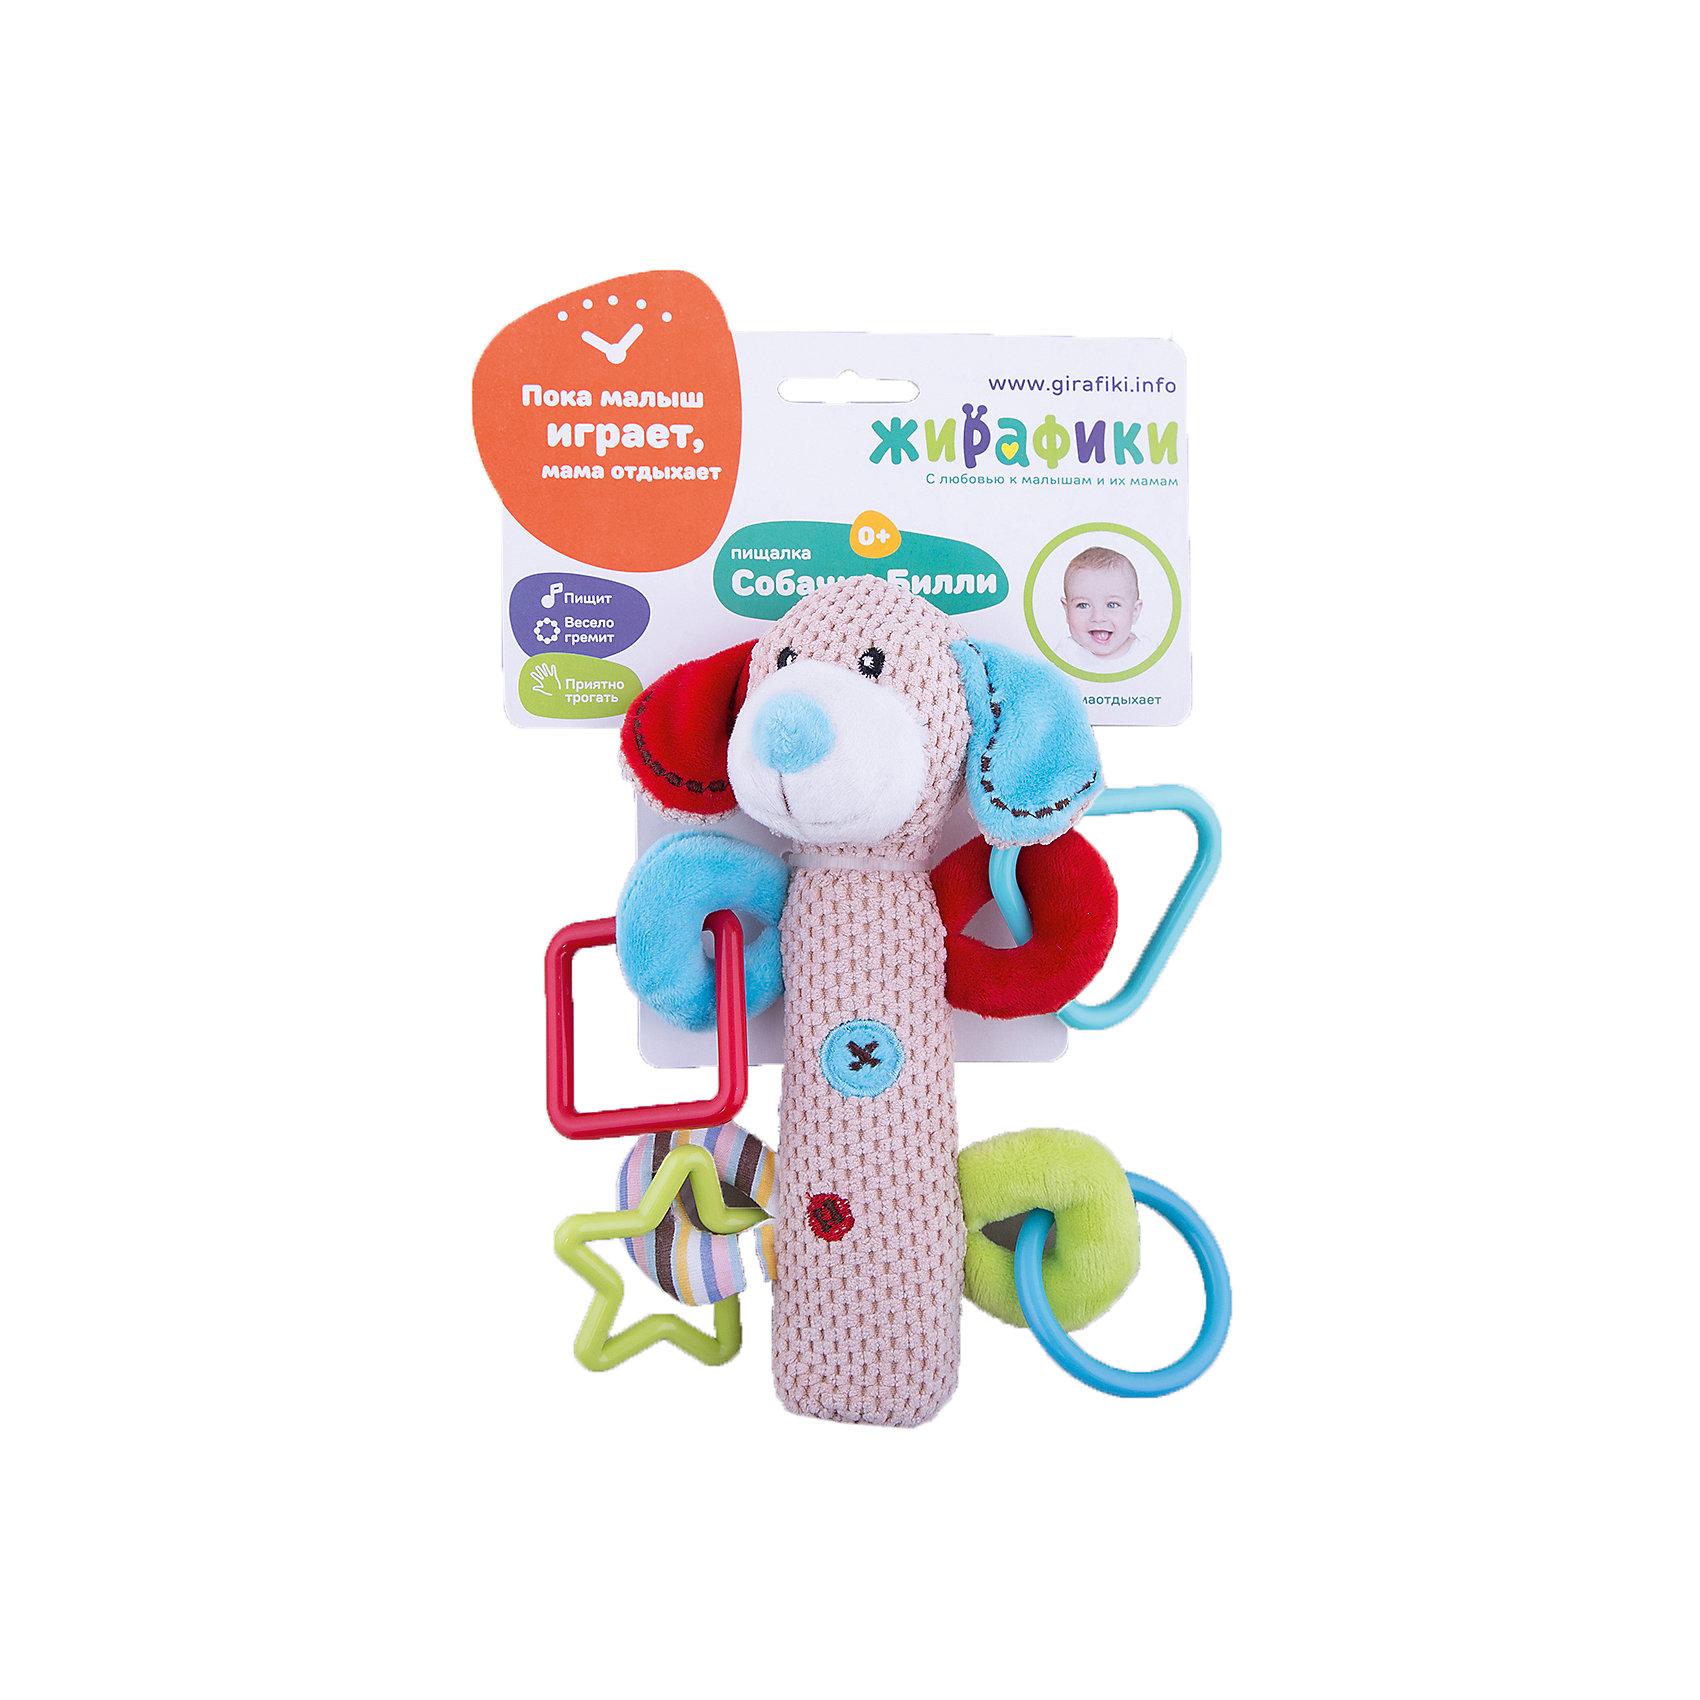 Погремушка с пищалкой Жирафики Собачка БиллиИгрушки для новорожденных<br>Характеристики:<br><br>• развивает тактильное и слуховое восприятие, координацию движений;<br>• высота игрушки: 19 см;<br>• возраст: с рождения;<br>• материал: текстиль, пластик;<br>• размер упаковки: 15х3х25 см;<br>• вес упаковки: 500 грамм;<br>• страна бренда: Россия.<br><br>Пищалки и погремушки - любимые игрушки всех младенцев. Игрушка Собачка Билли создана из ткани разных фактур и цветов. Держась за них, ребенок развивает сенсорное восприятие и координацию движений.<br><br>Внутри игрушки находится пищалка, а снаружи - пластиковые колечки, которые при движении напоминают классическую погремушку. Таким образом, игрушка поможет развить мелкую моторику и звуковое восприятие. <br><br>На хвостике собачки расположено колечко из мягкого пластика. В период прорезывания зубов его можно использовать в качестве прорезывателя, чтобы облегчить болезненные ощущения малыша.<br><br>Пищалку с погремушками Собачка Билли, Жирафики можно купить в нашем интернет-магазине.<br><br>Ширина мм: 150<br>Глубина мм: 60<br>Высота мм: 250<br>Вес г: 107<br>Возраст от месяцев: -2147483648<br>Возраст до месяцев: 2147483647<br>Пол: Унисекс<br>Возраст: Детский<br>SKU: 6885297